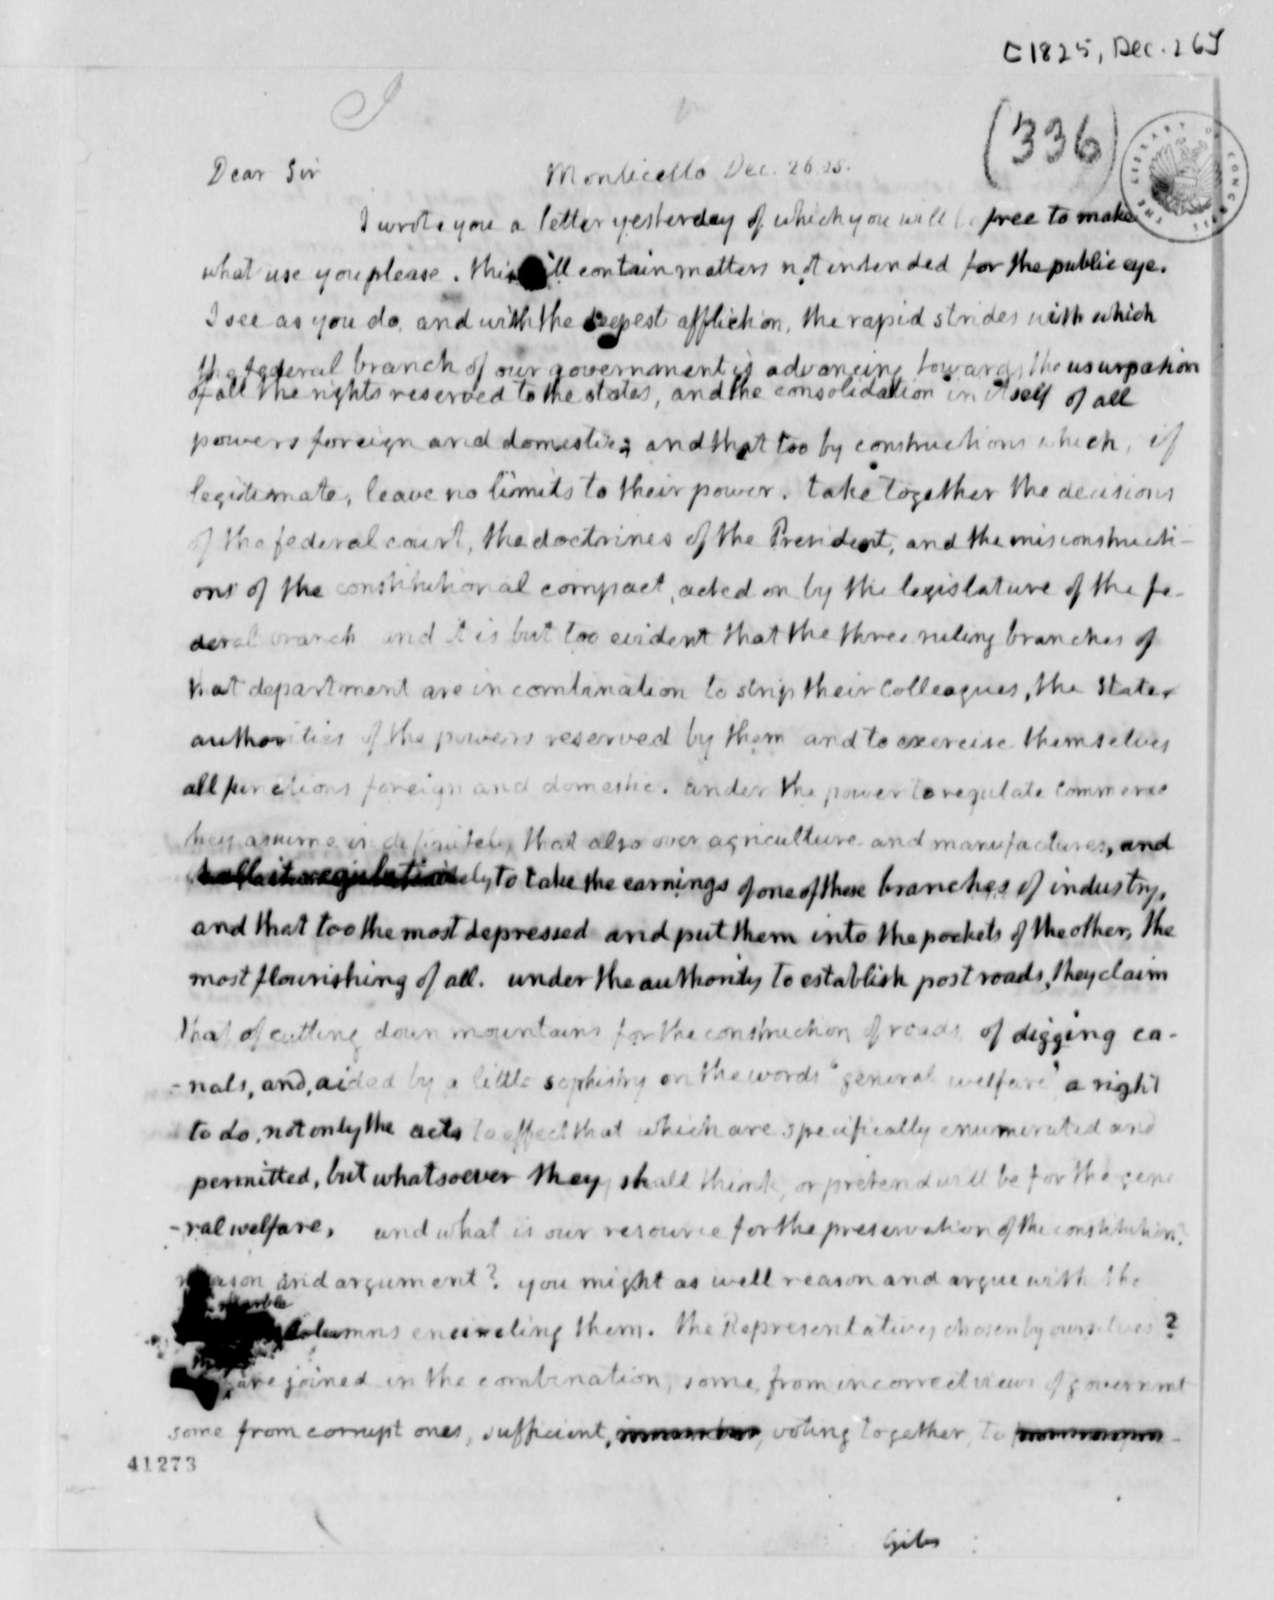 Thomas Jefferson to William B. Giles, December 26, 1825